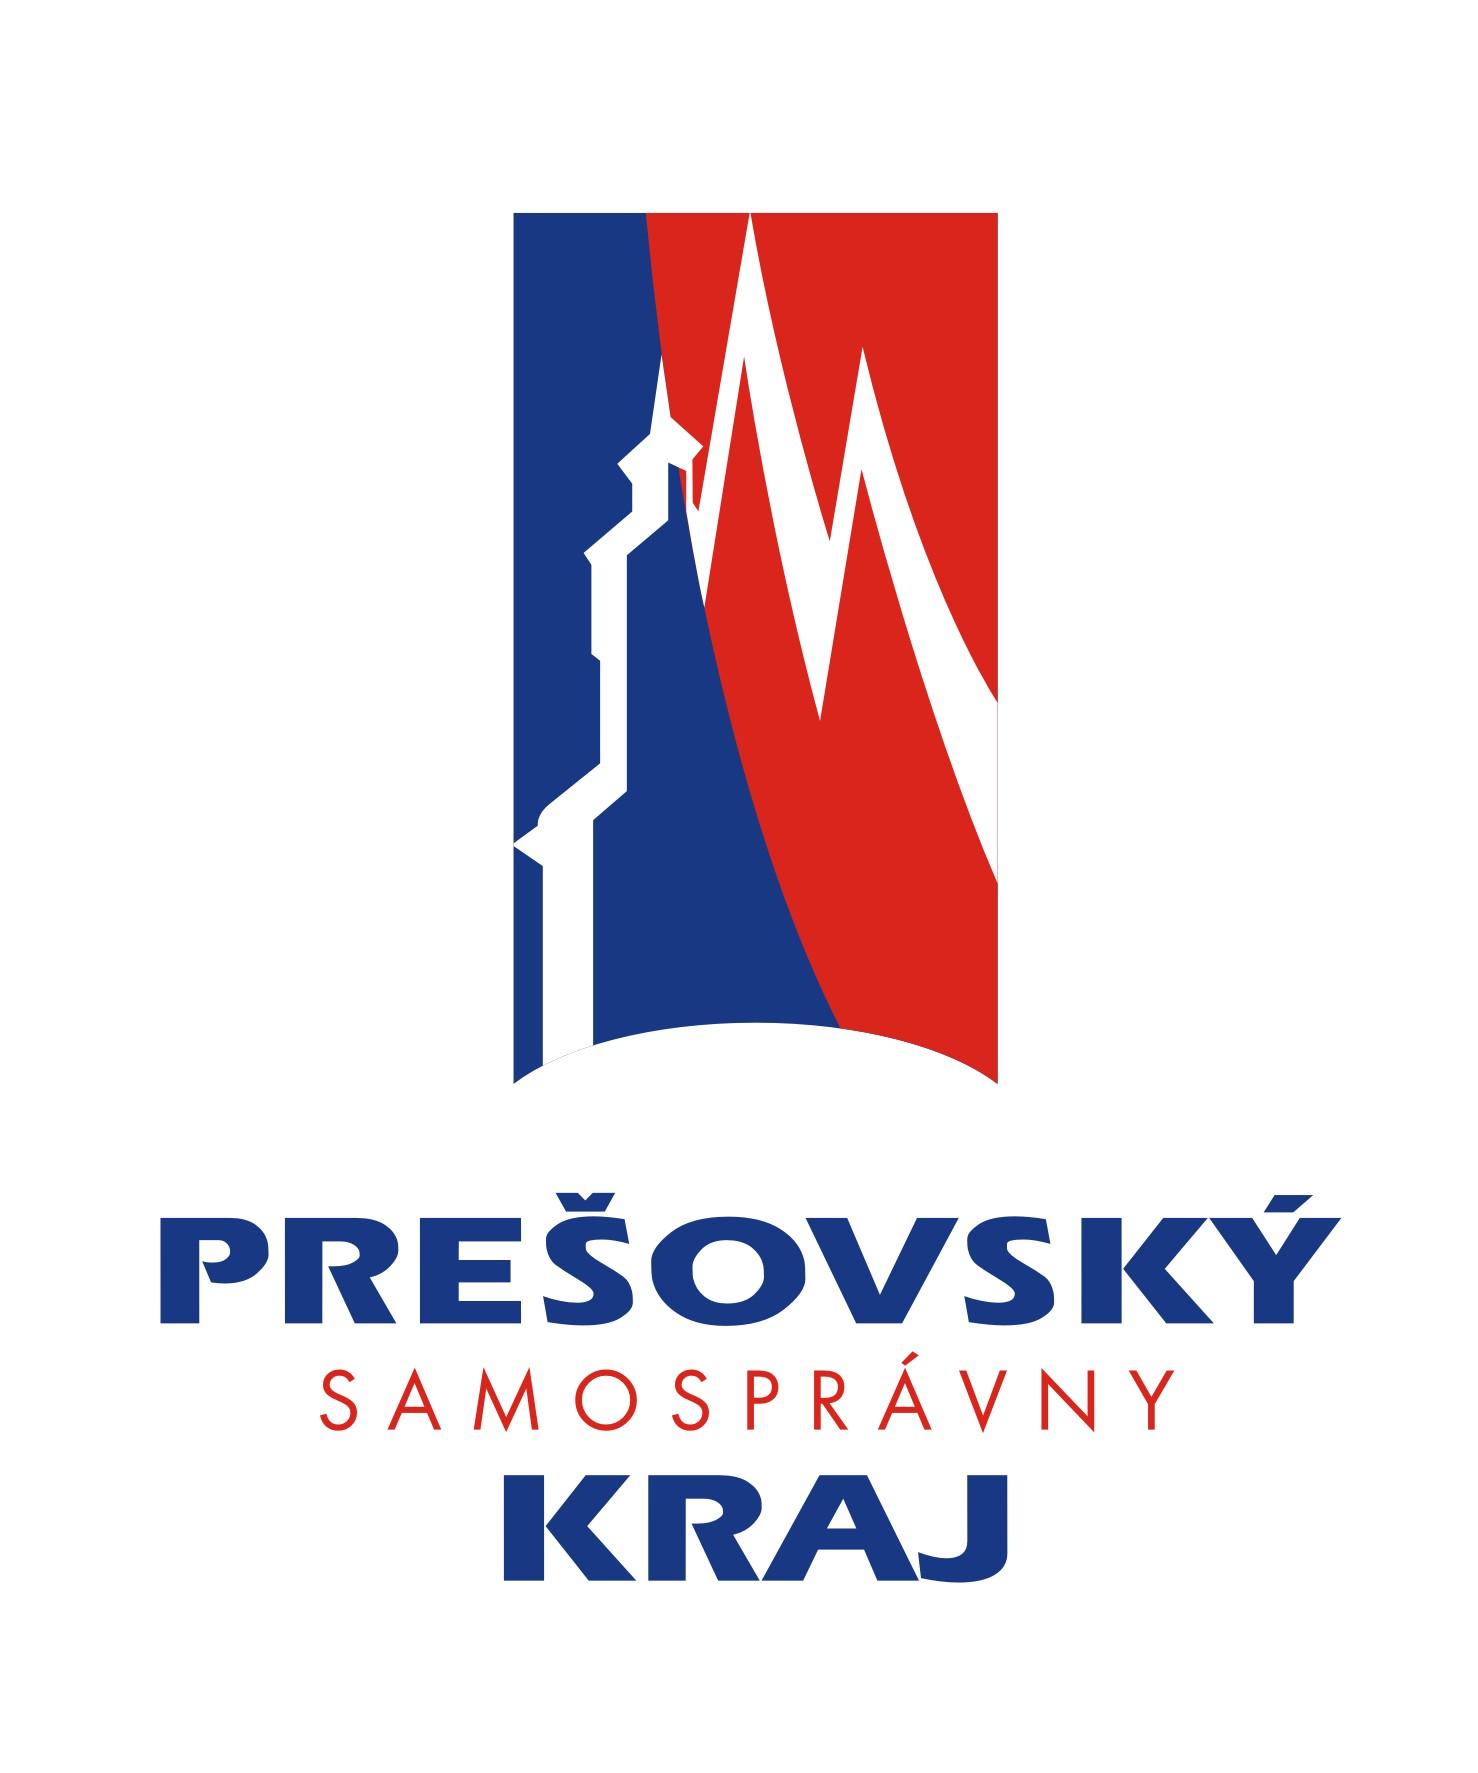 https://www.po-kraj.sk/files/loga/loga-psk/logo_psk_fareb_vyska.jpg